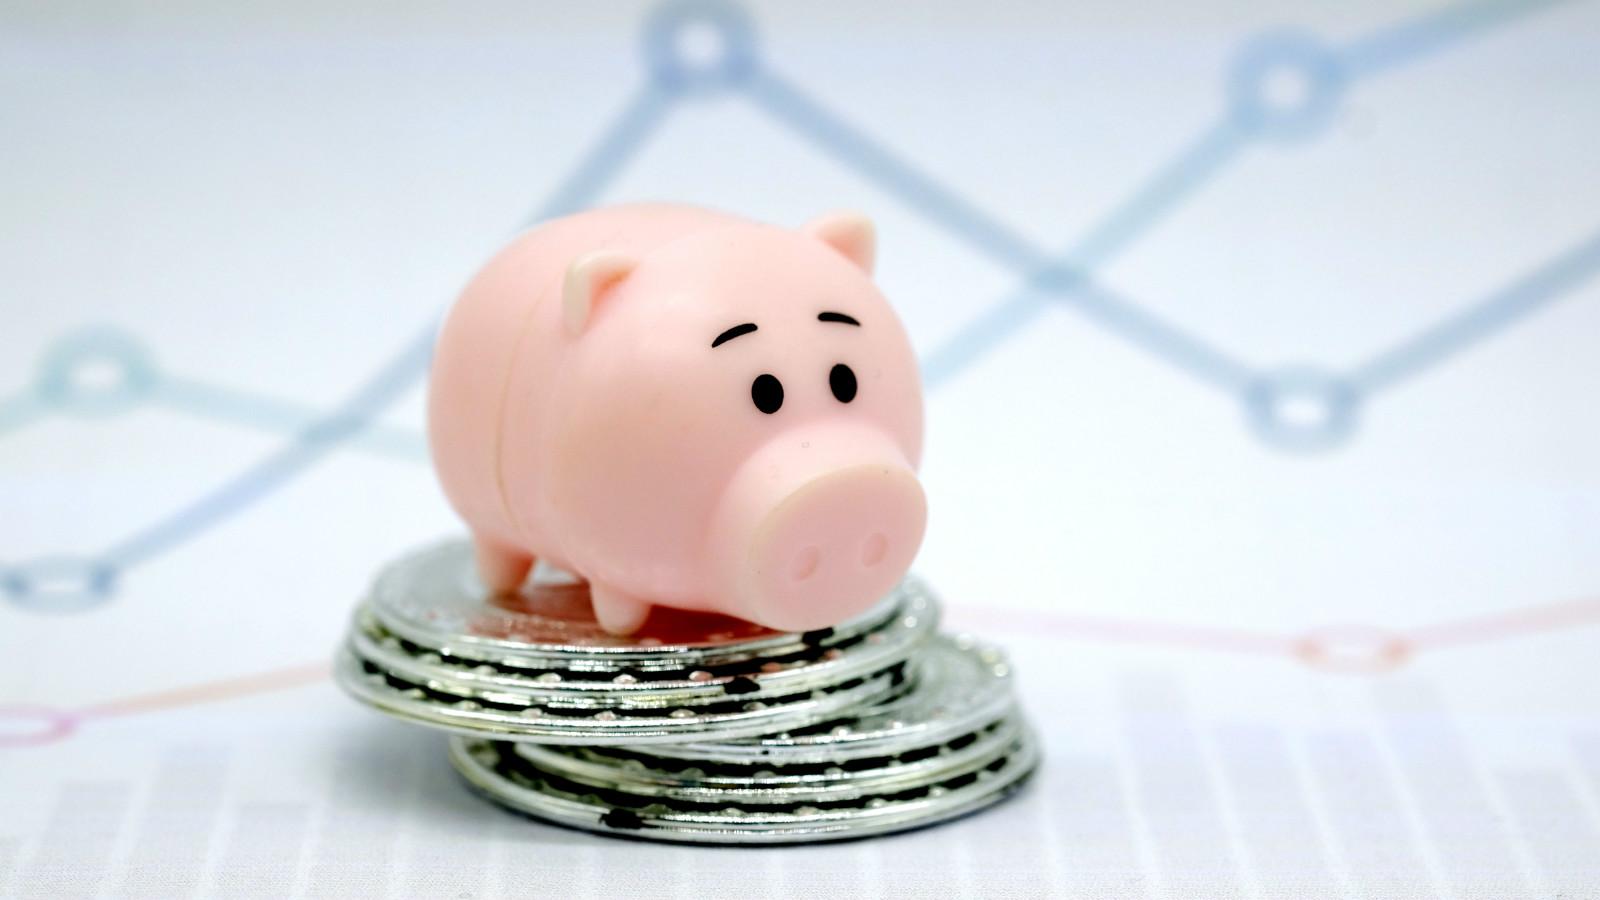 新希望集团负债近800亿 百亿募资中90亿用于偿债